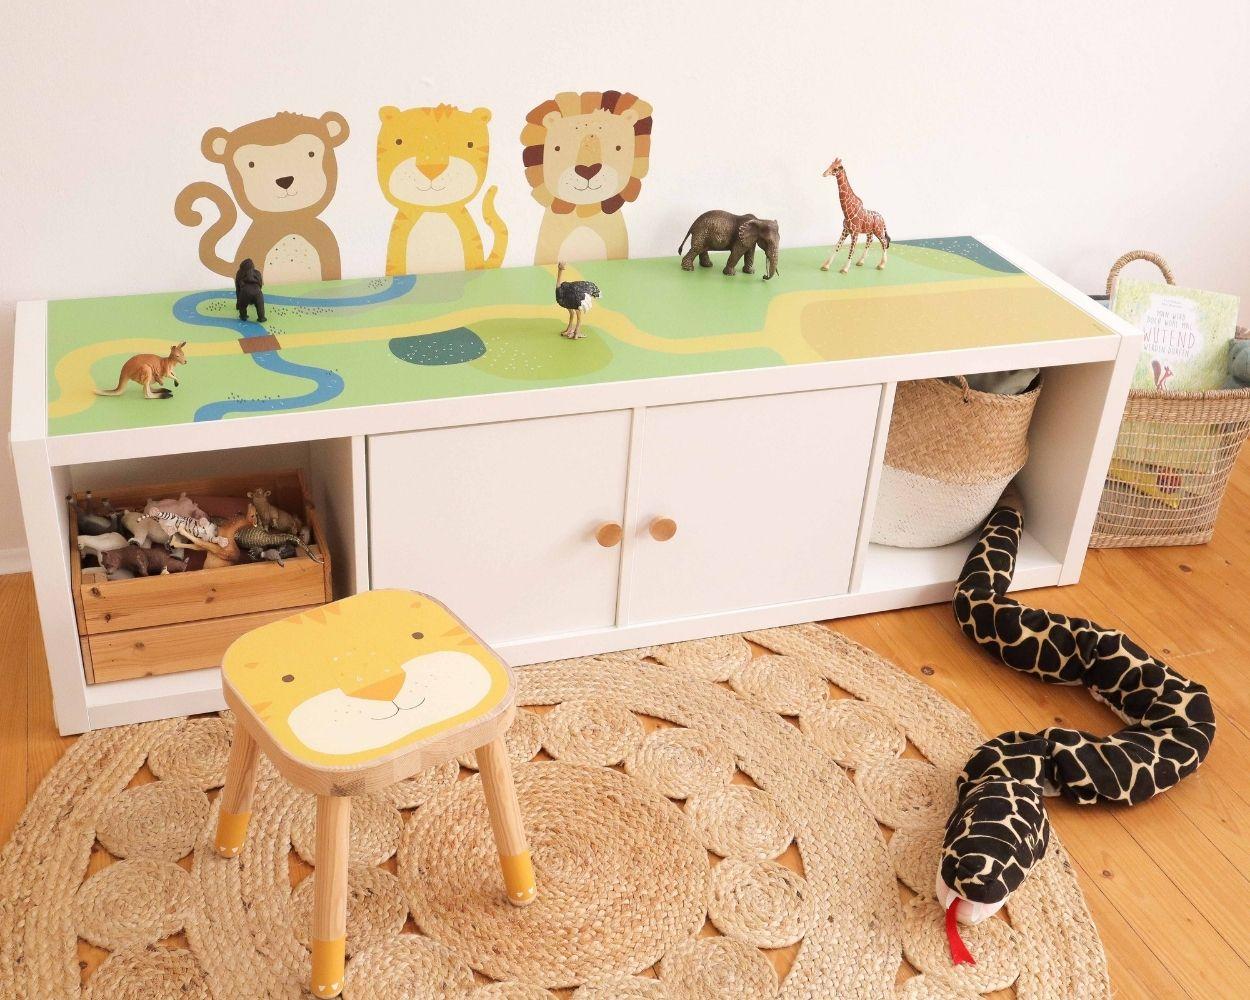 Dschungel und Safari Kinderzimmer Ikea Hacks